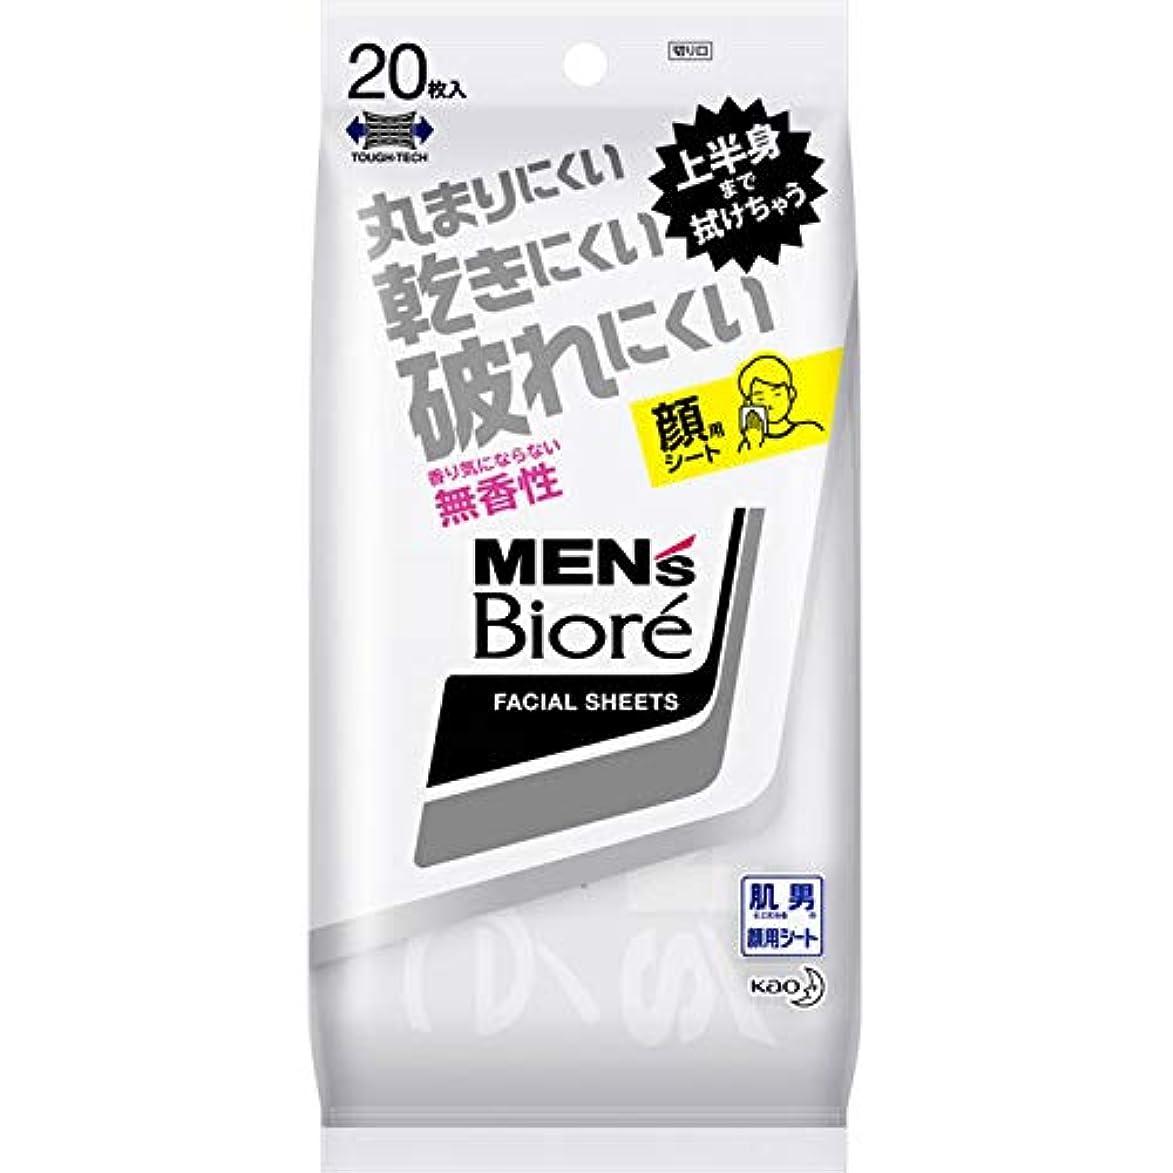 教え本物の現在花王 メンズビオレ 洗顔シート 香り気にならない無香性 携帯用 (20枚入) ビオレ フェイスシート